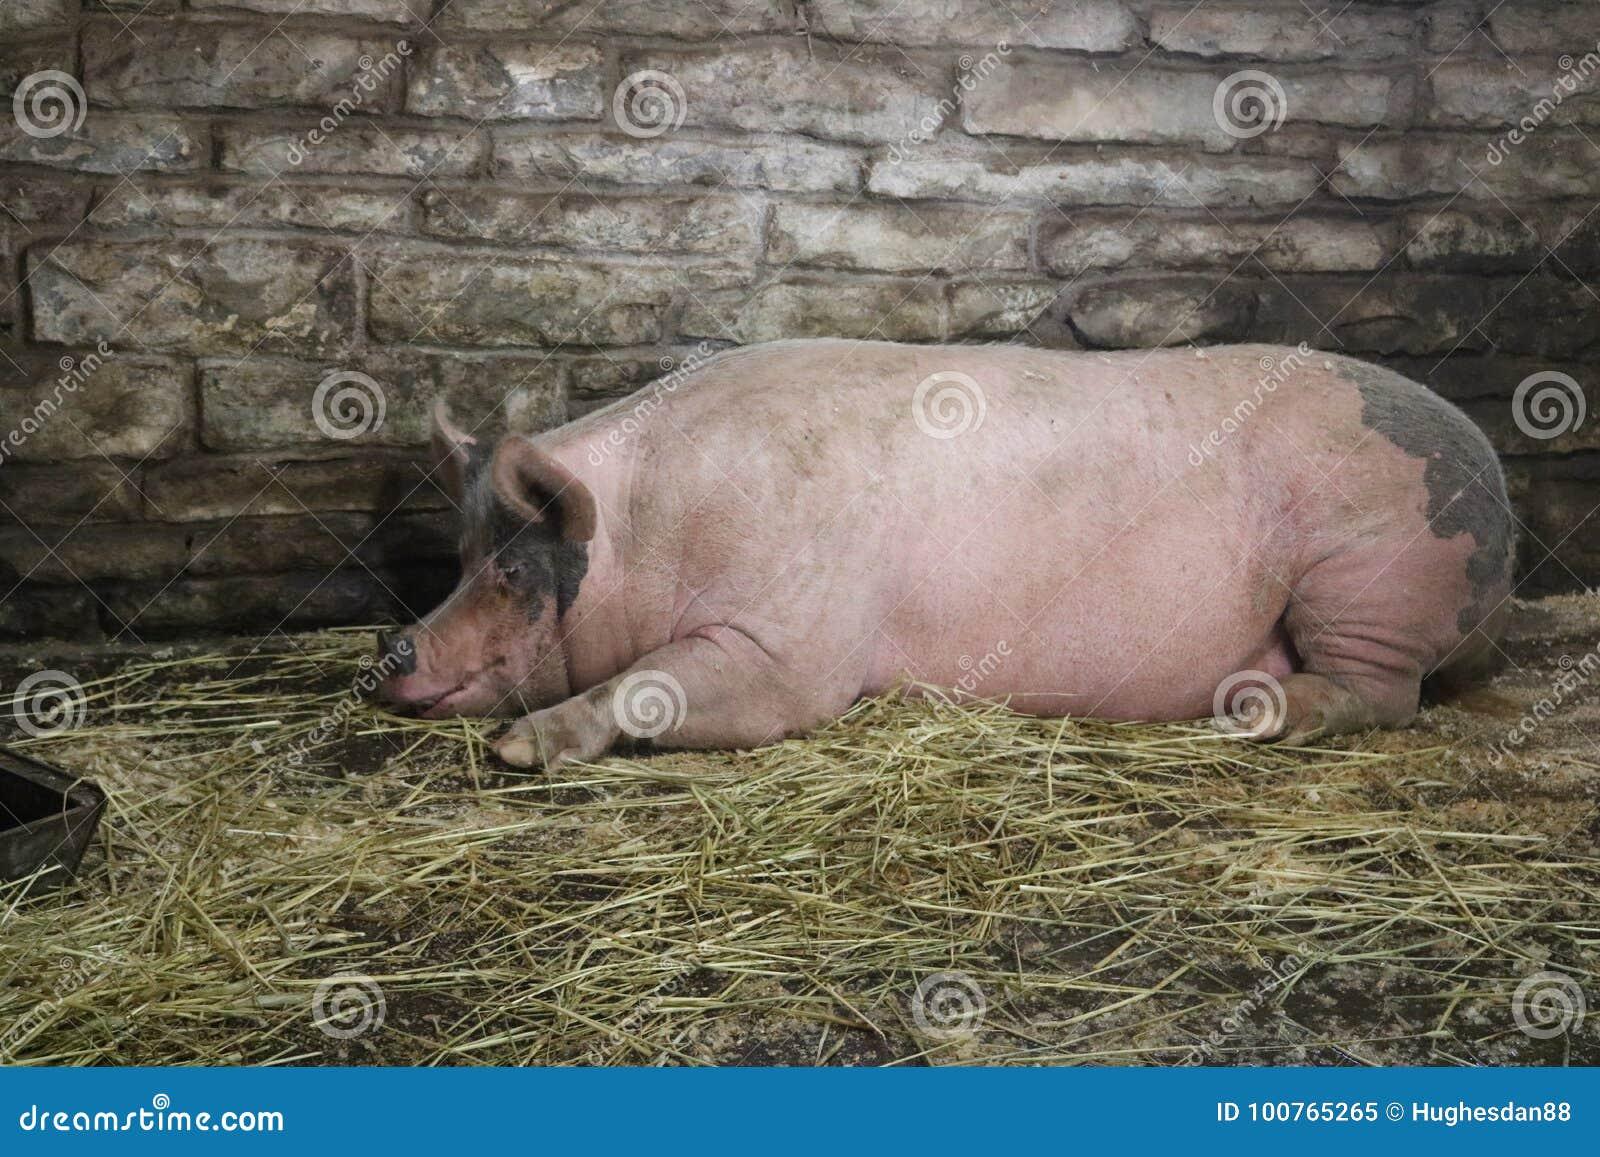 Porc dormant dans la grange